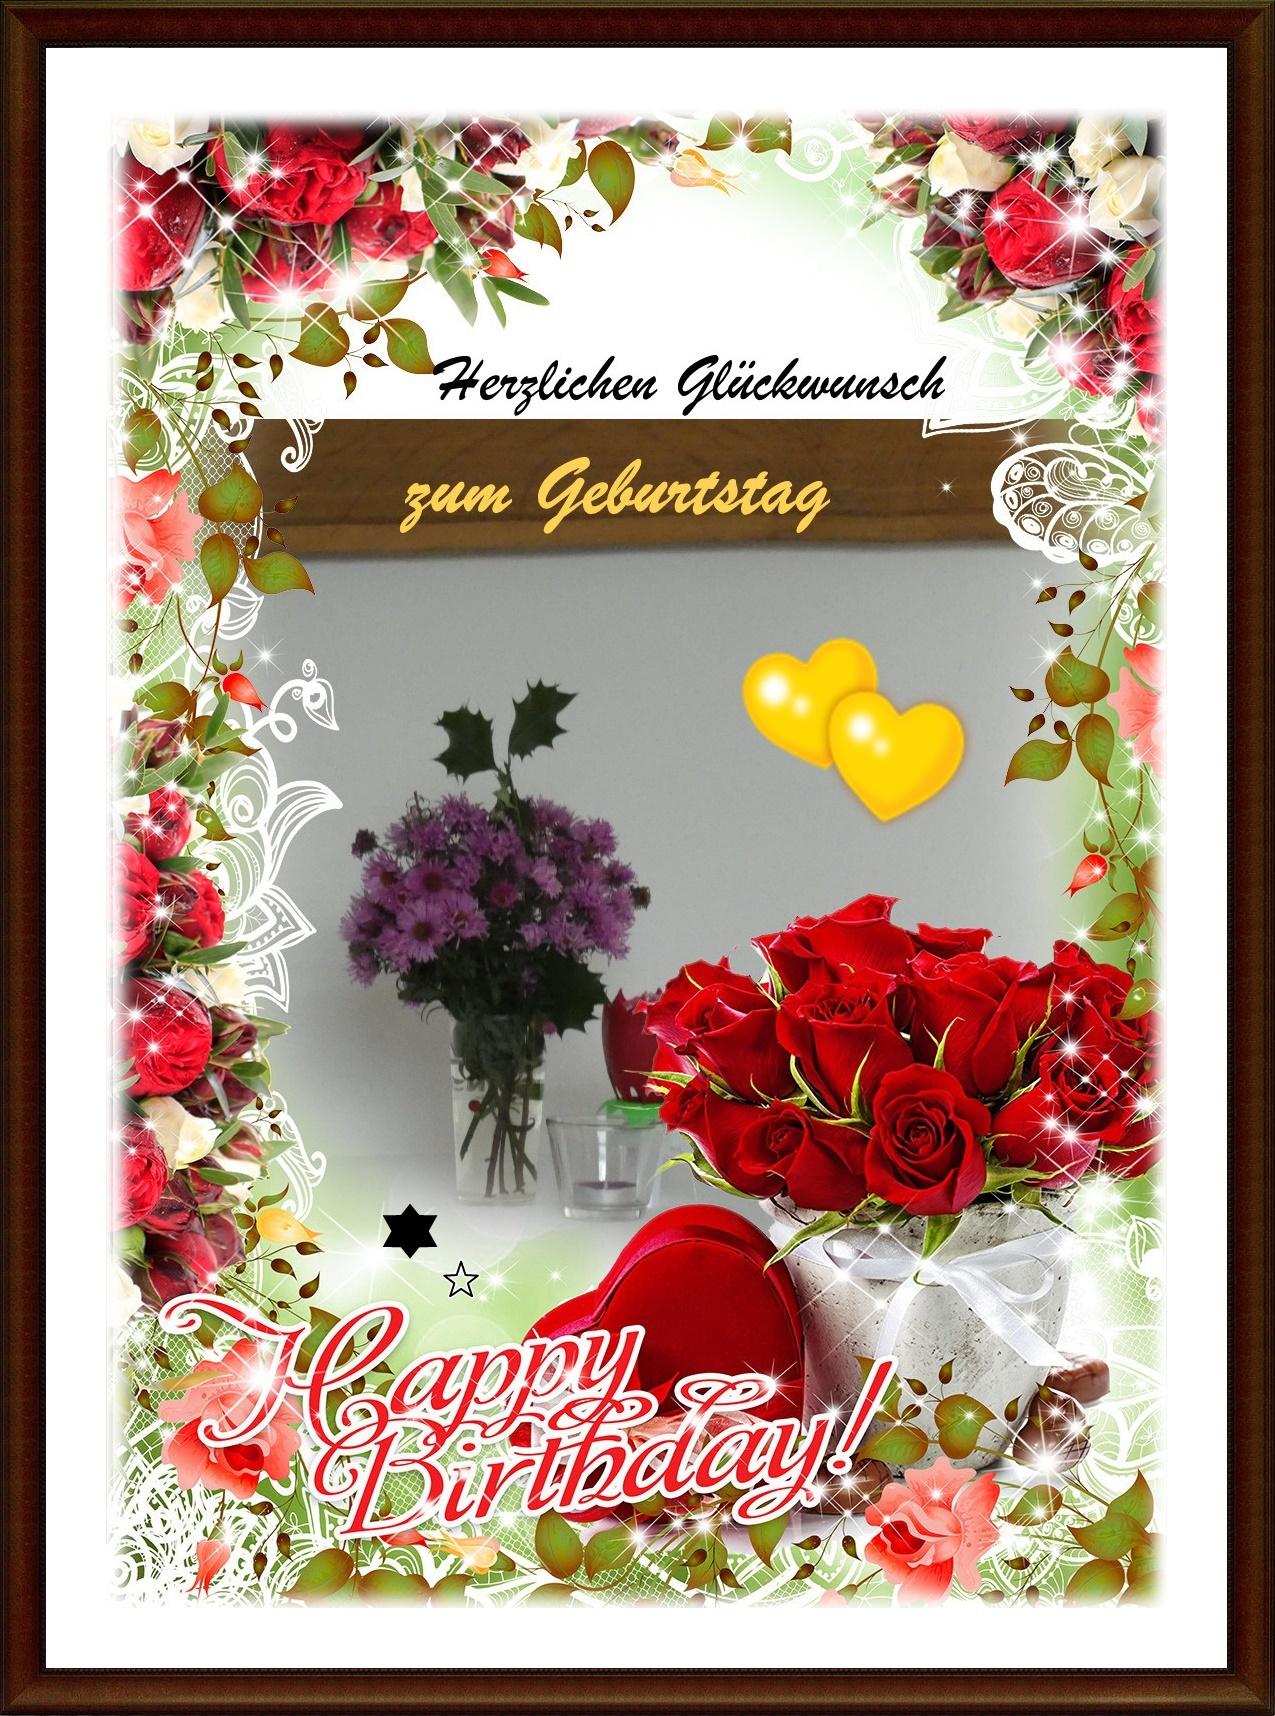 Geburtstagsgruß: heute am 21. November feiert Gudrun